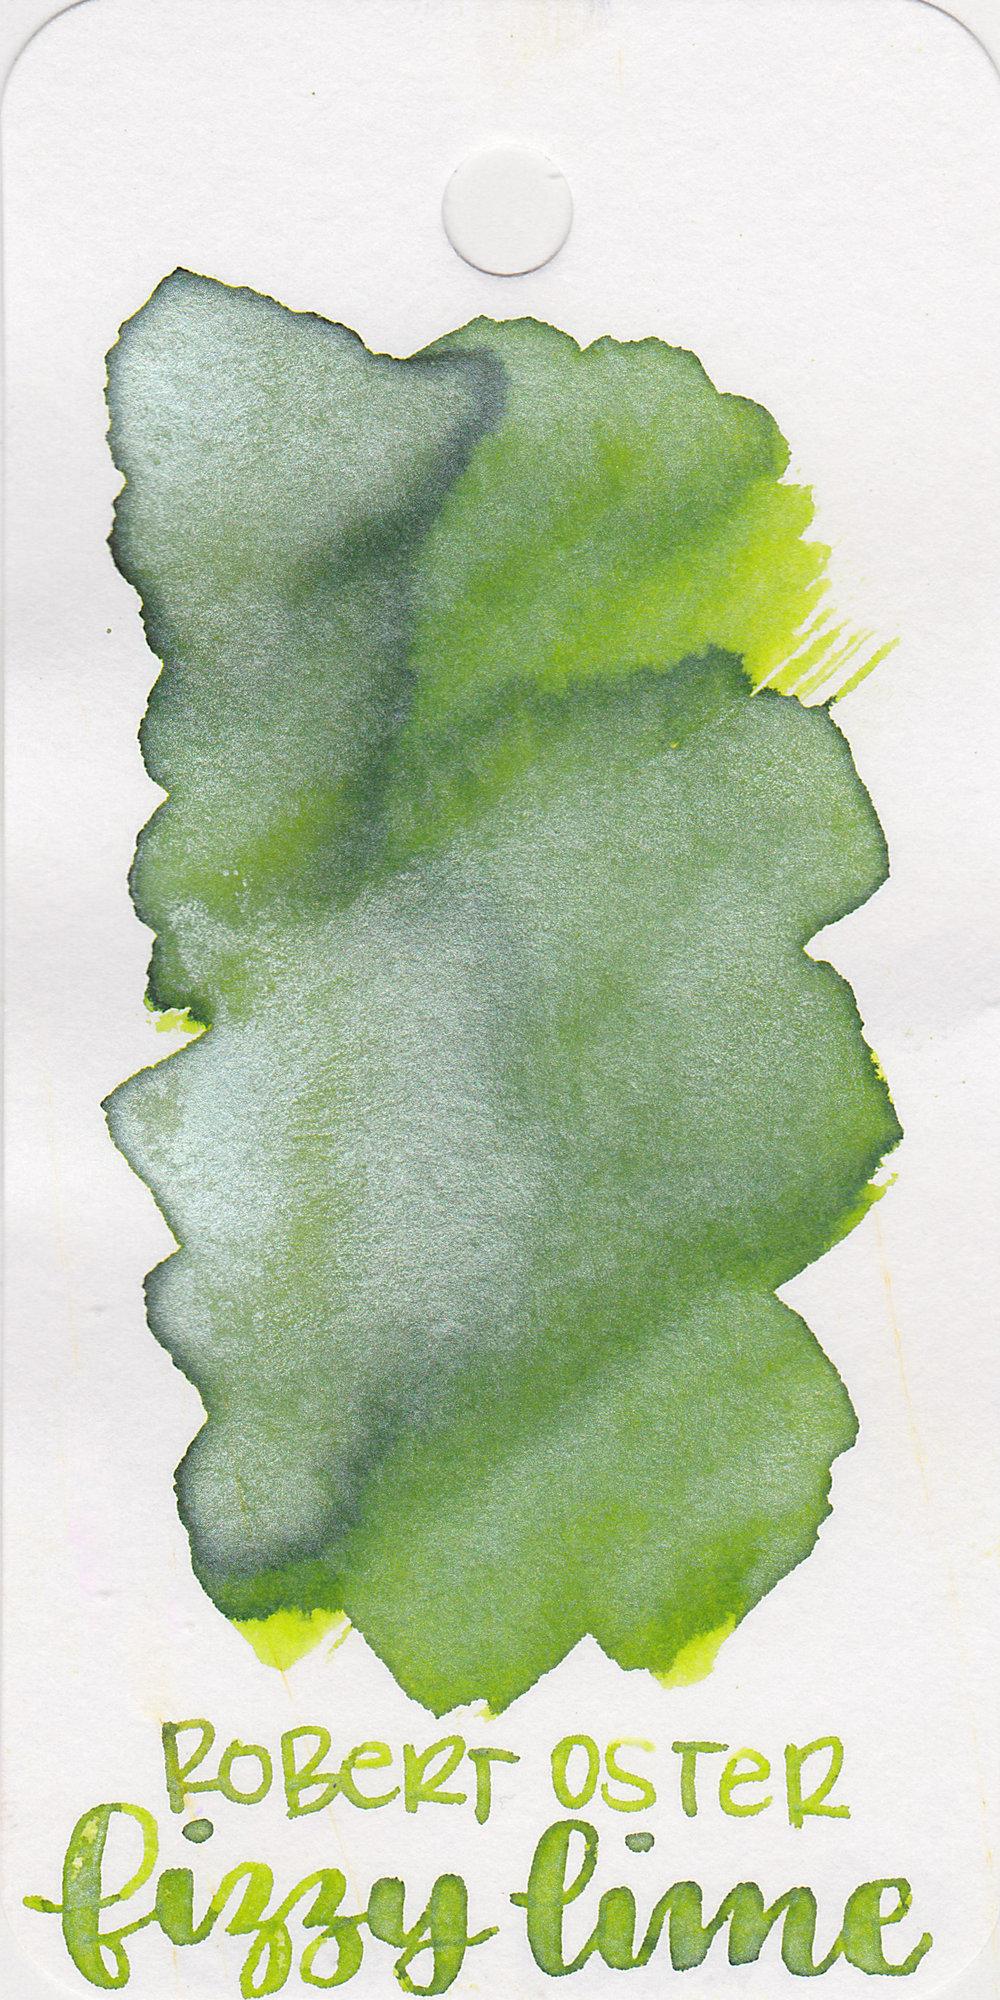 ro-fizzy-lime-1.jpg